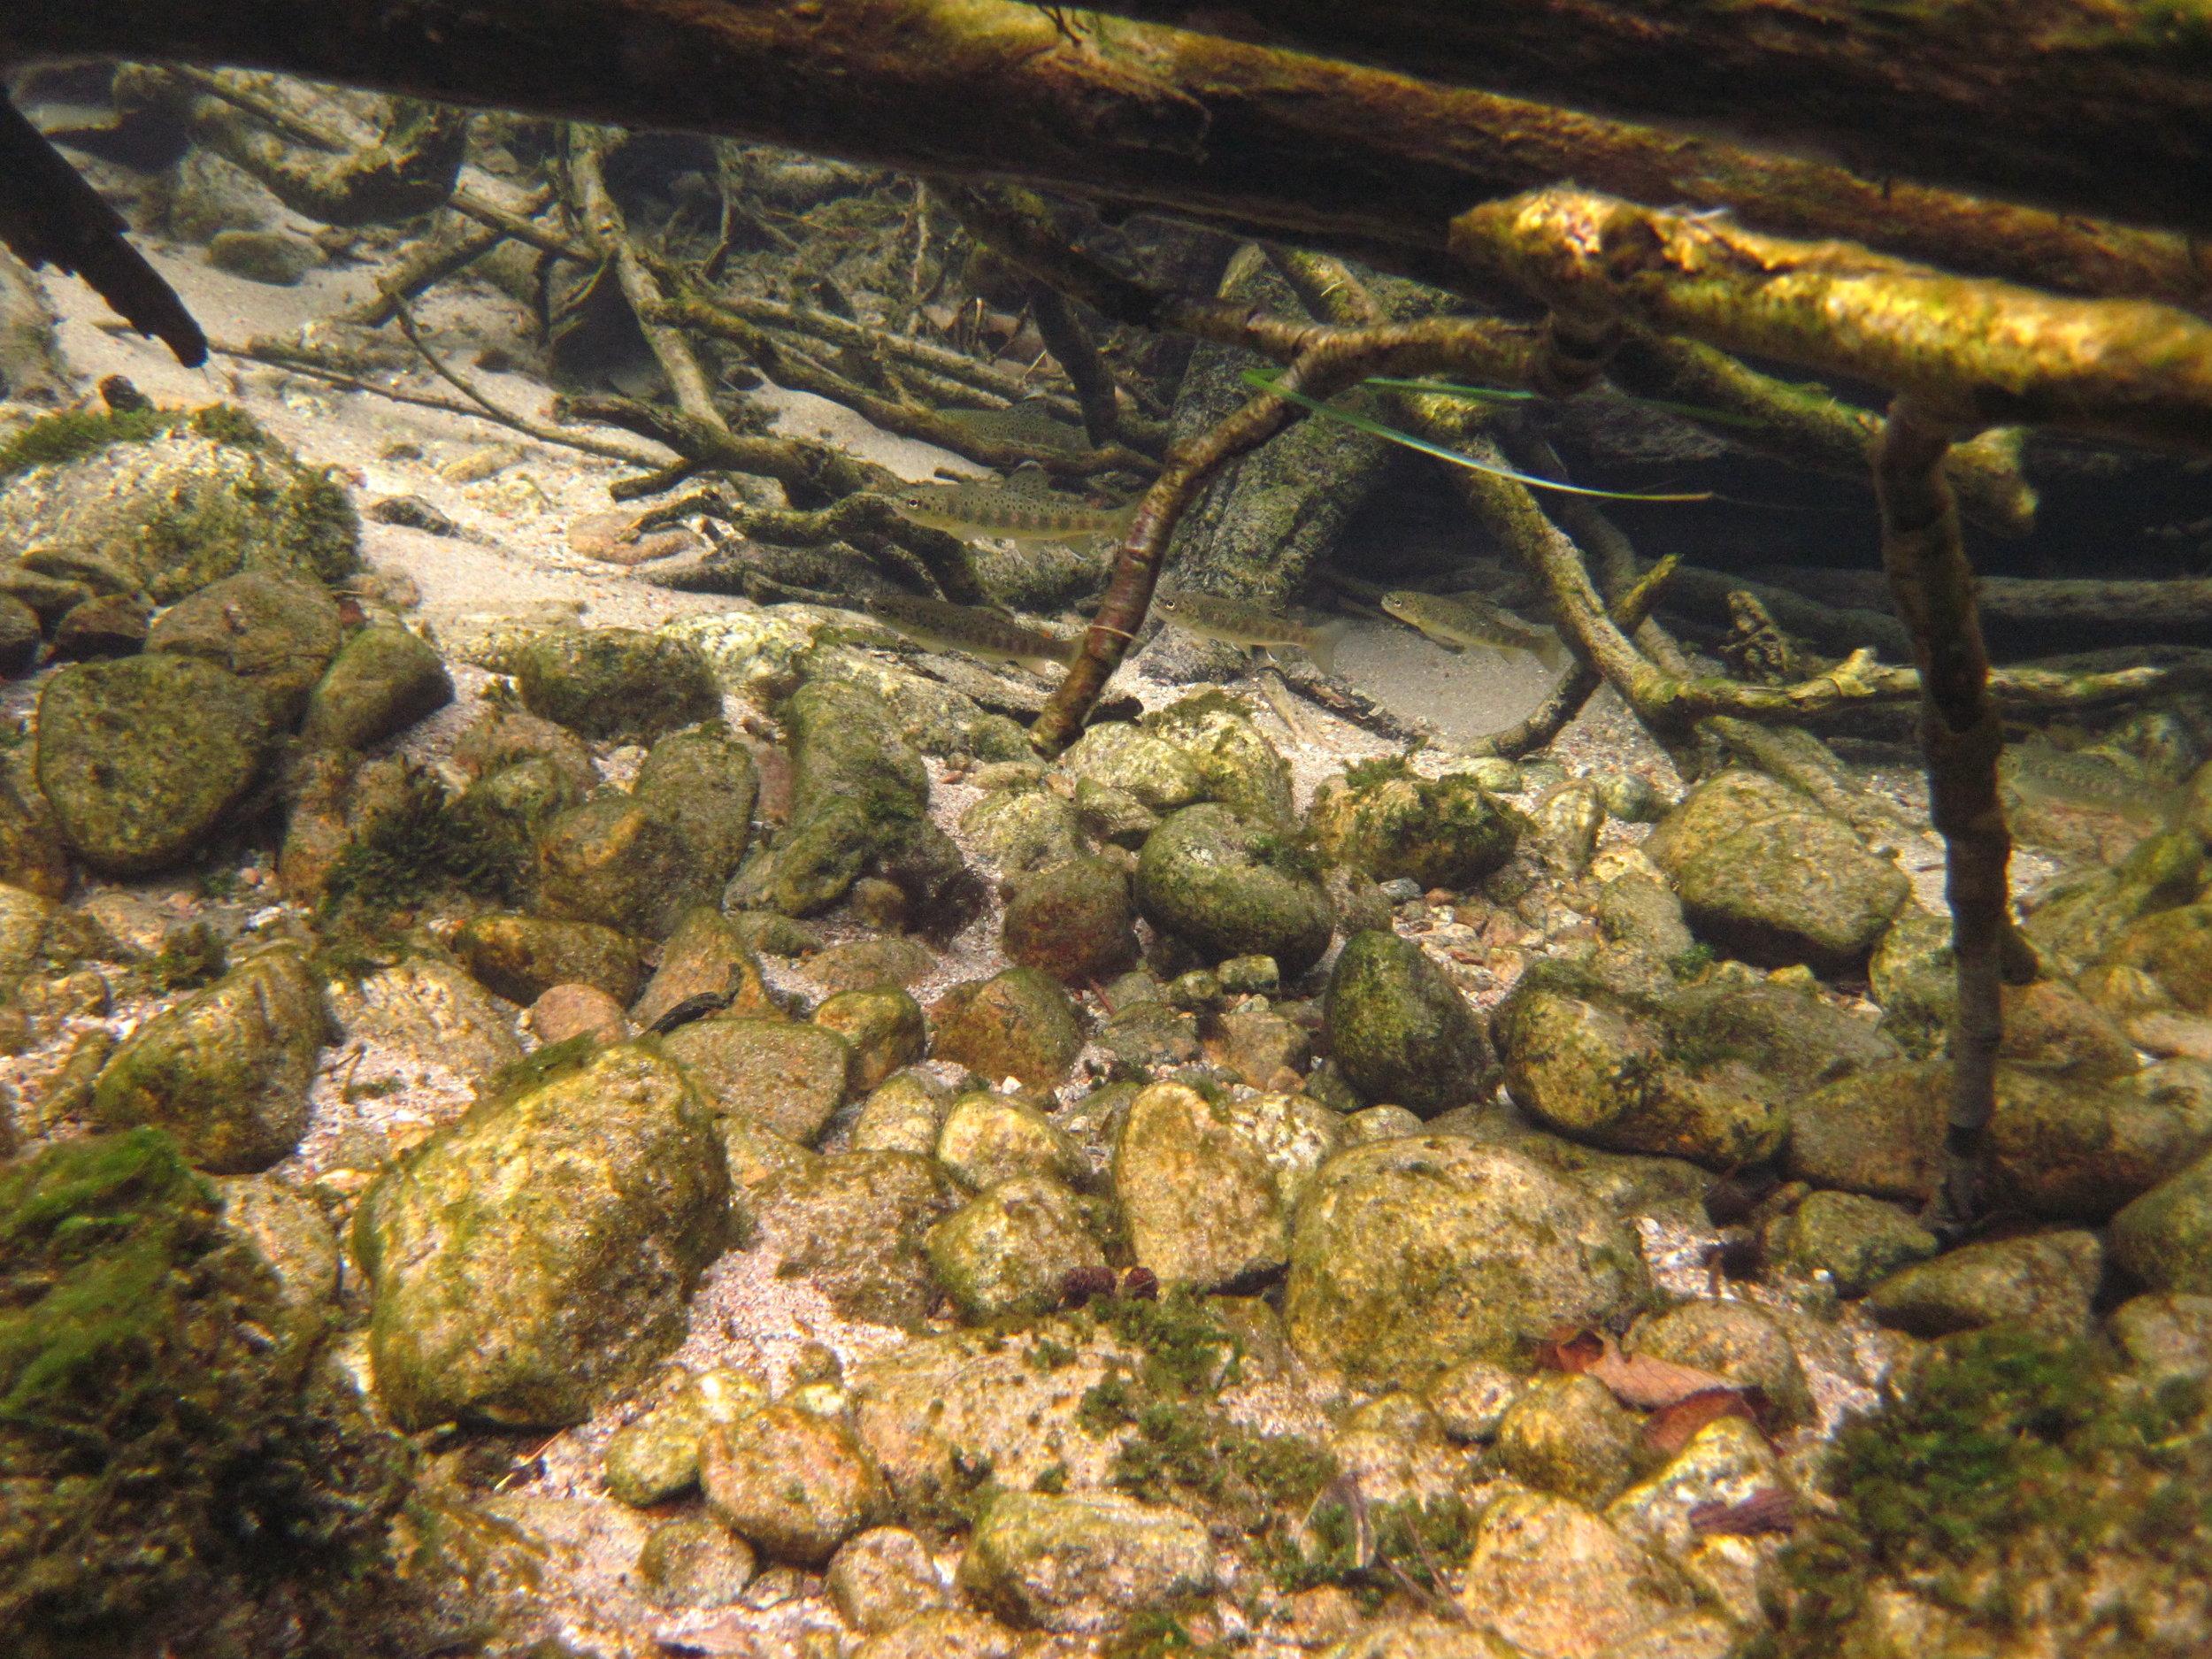 Ungfisk trenger skjul  Foto: Ulrich Pulg, Uni Miljø